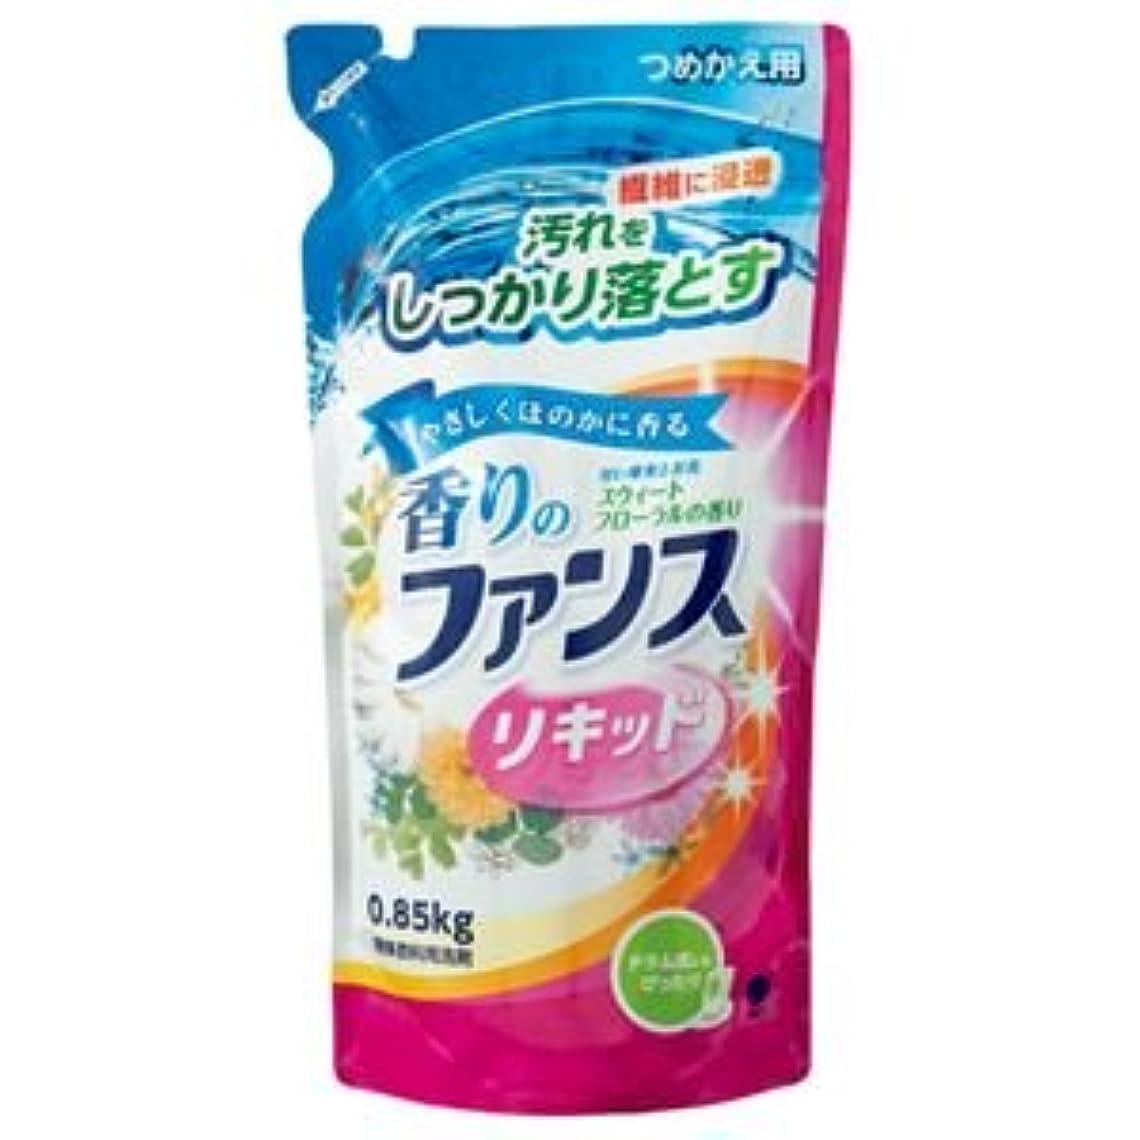 スイング遠近法天使(まとめ) 第一石鹸 香りのファンス 液体衣料用洗剤リキッド 詰替用 0.85kg 1個 【×15セット】